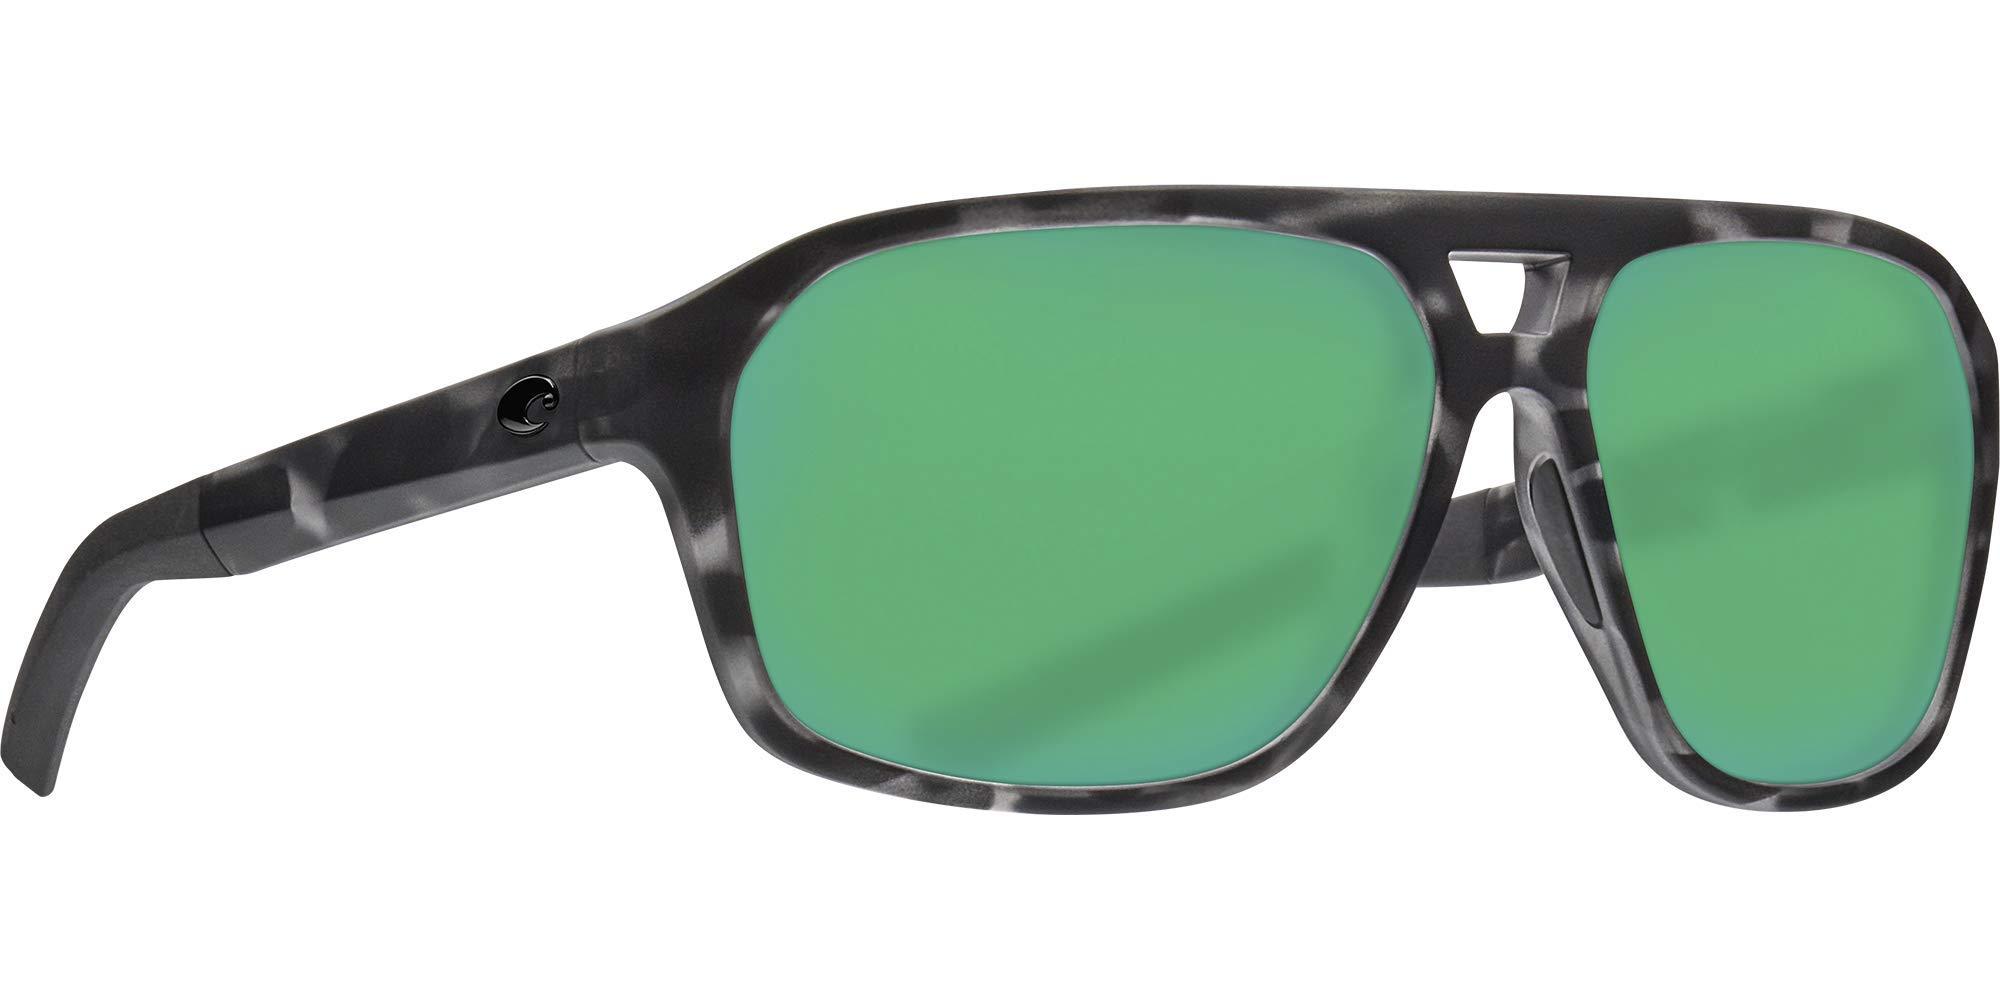 Costa Del Mar Ocearch Switchfoot Sunglasses Tiger Shark/Green Mirror 580Plastic by Costa Del Mar